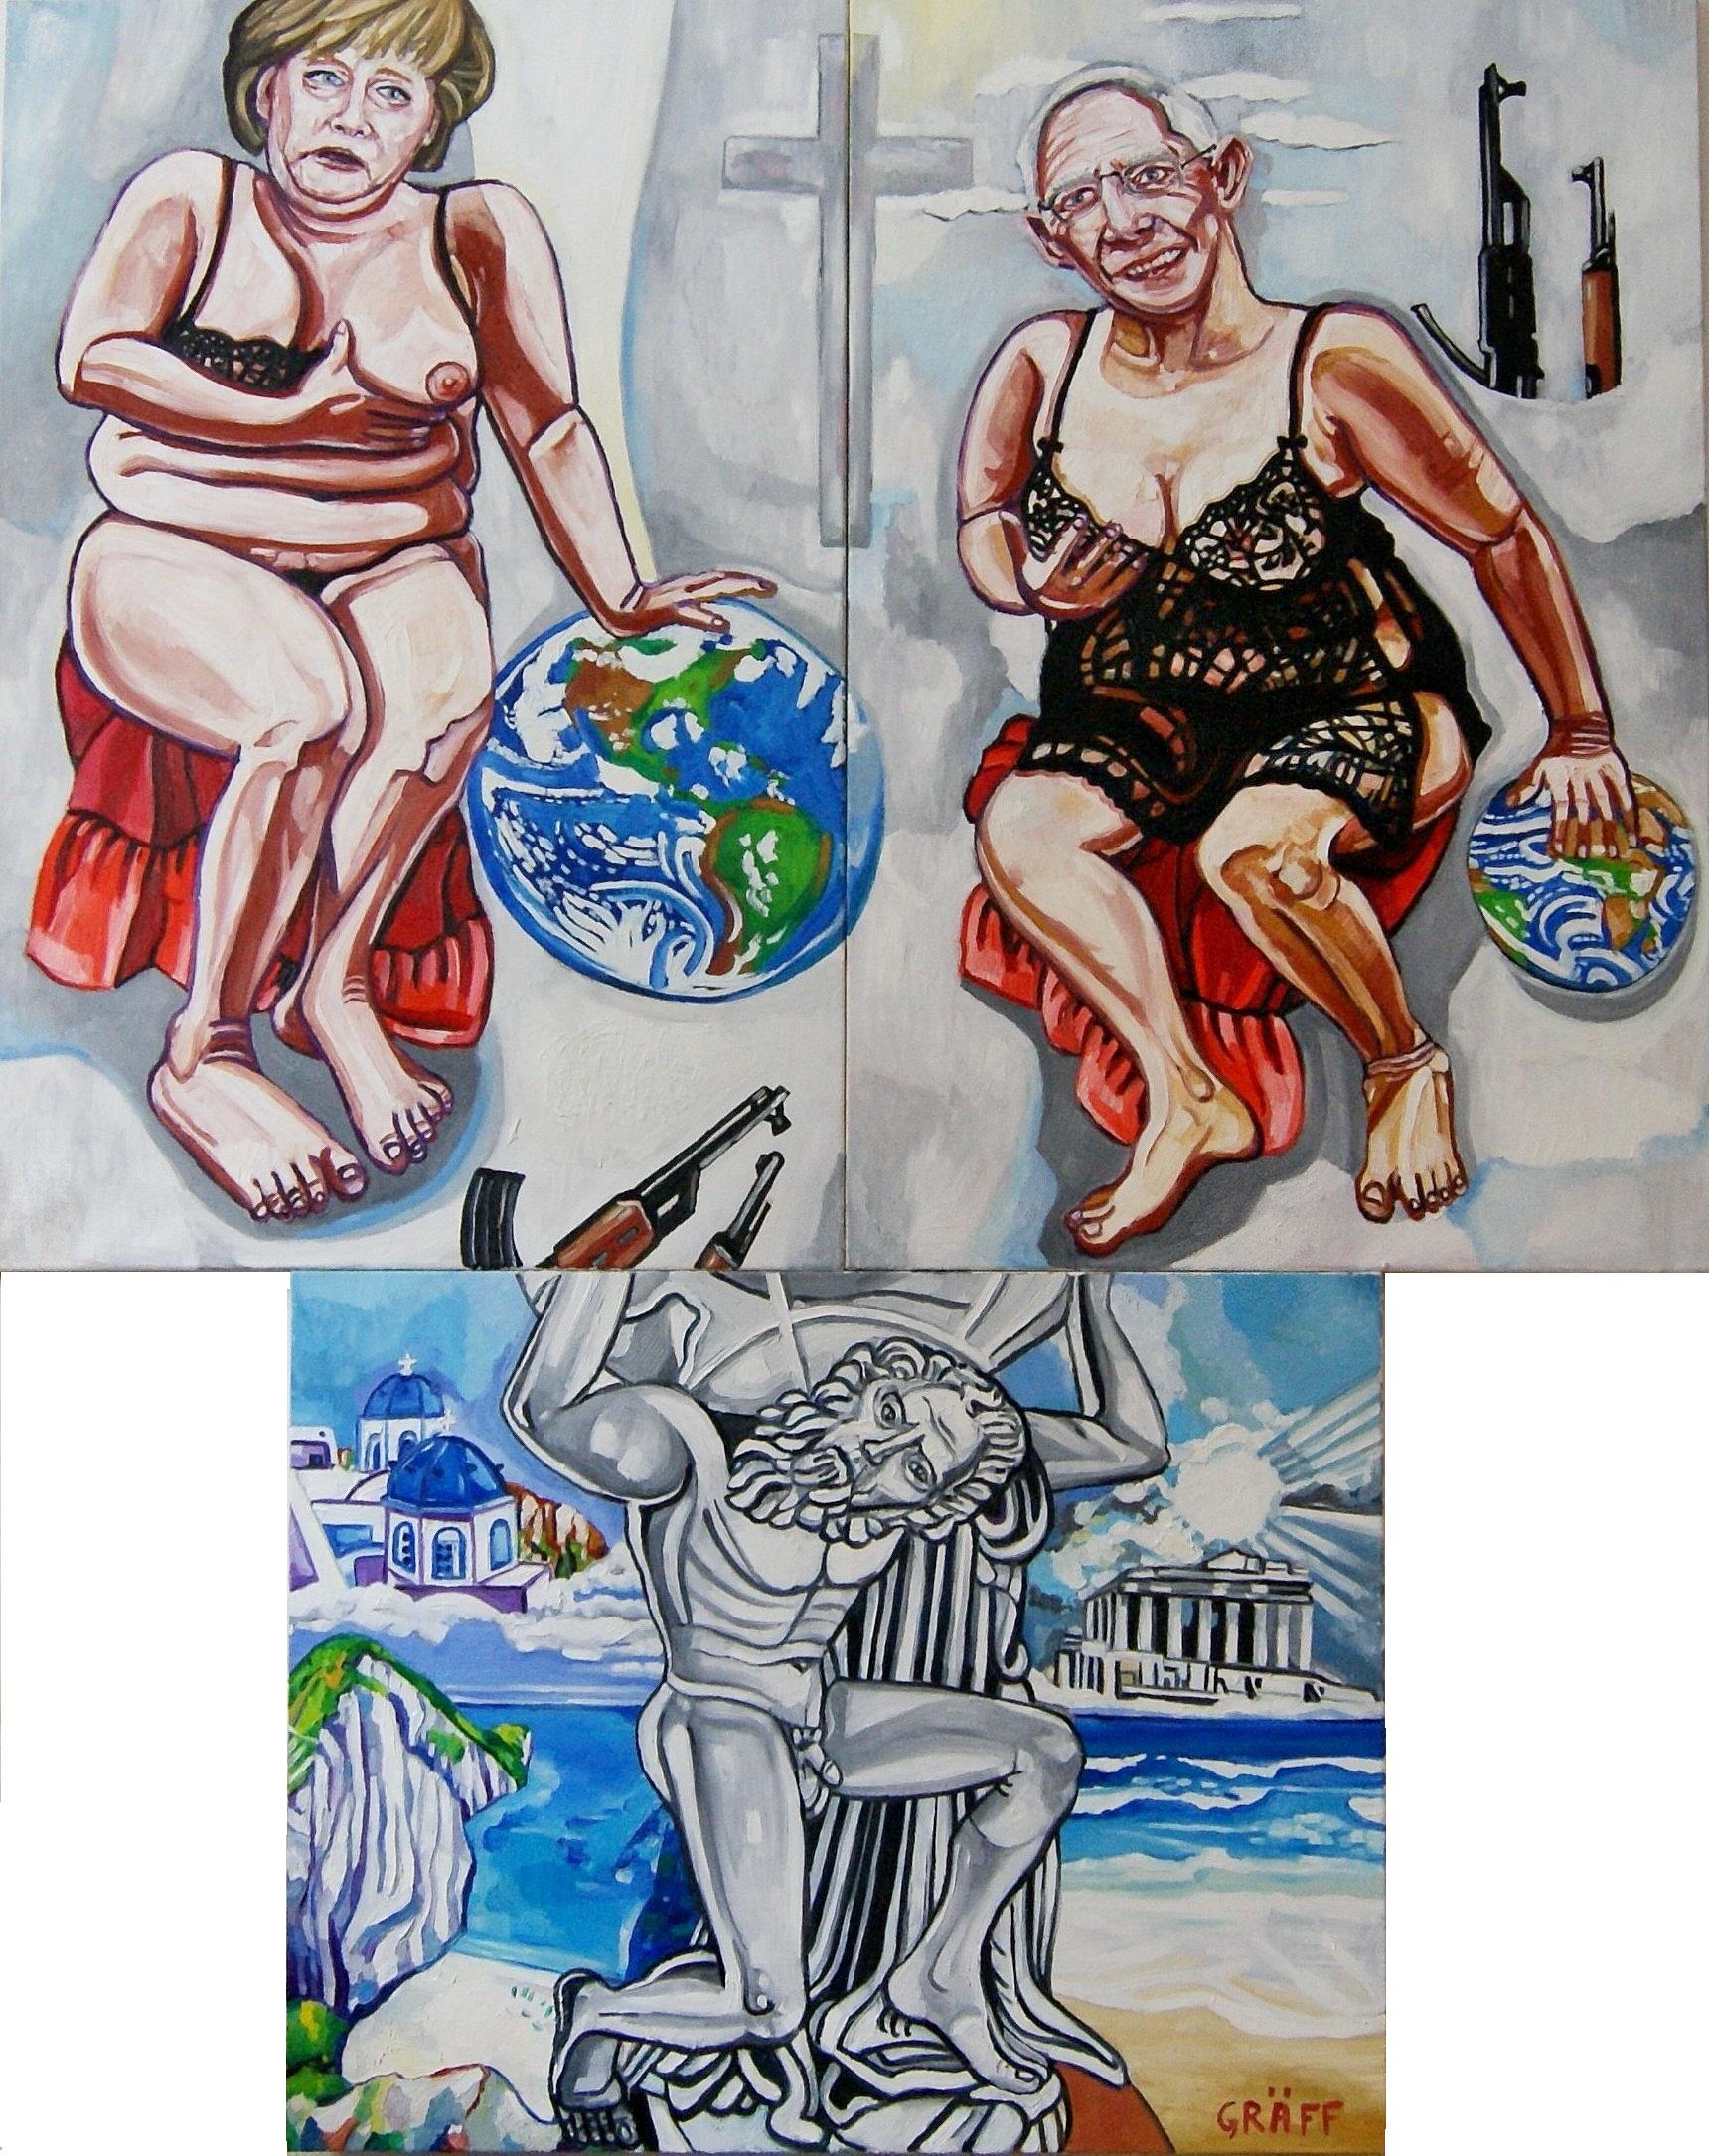 Bildergebnis für Wikimedia Commons Bilder Merkel und Griechenland